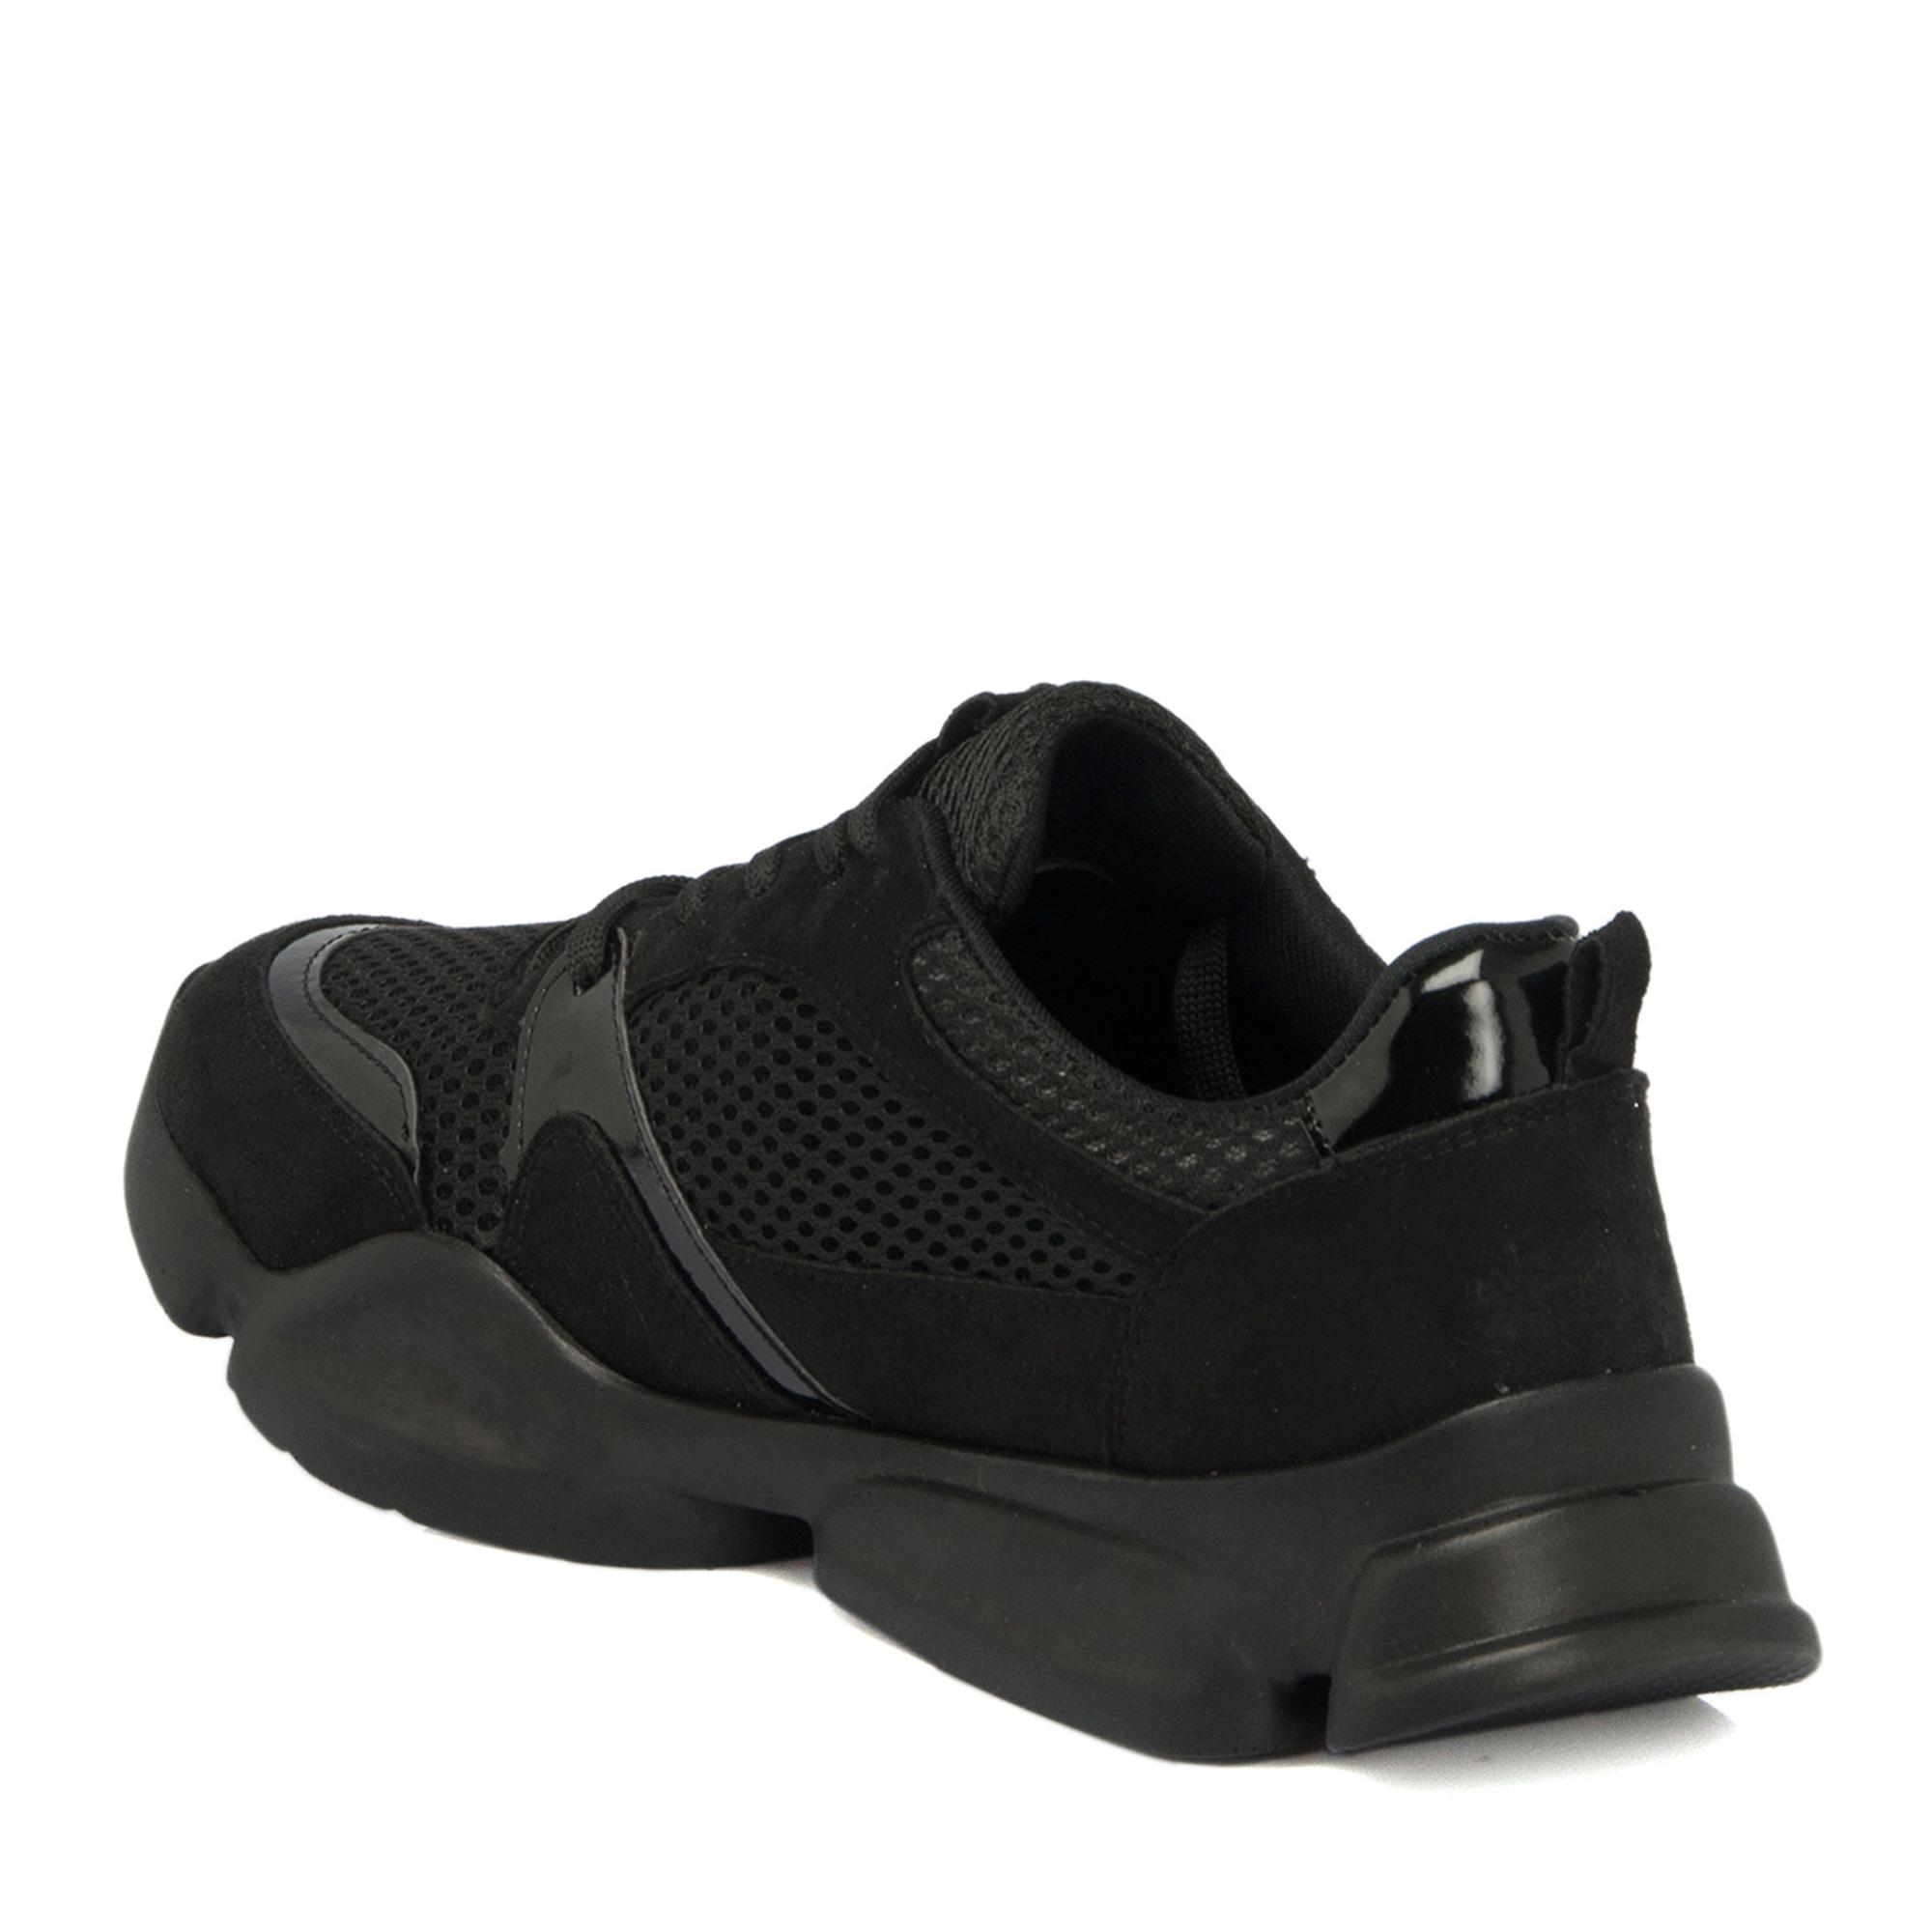 Siyah Vegan Kadın Ayakkabı 64515B9H